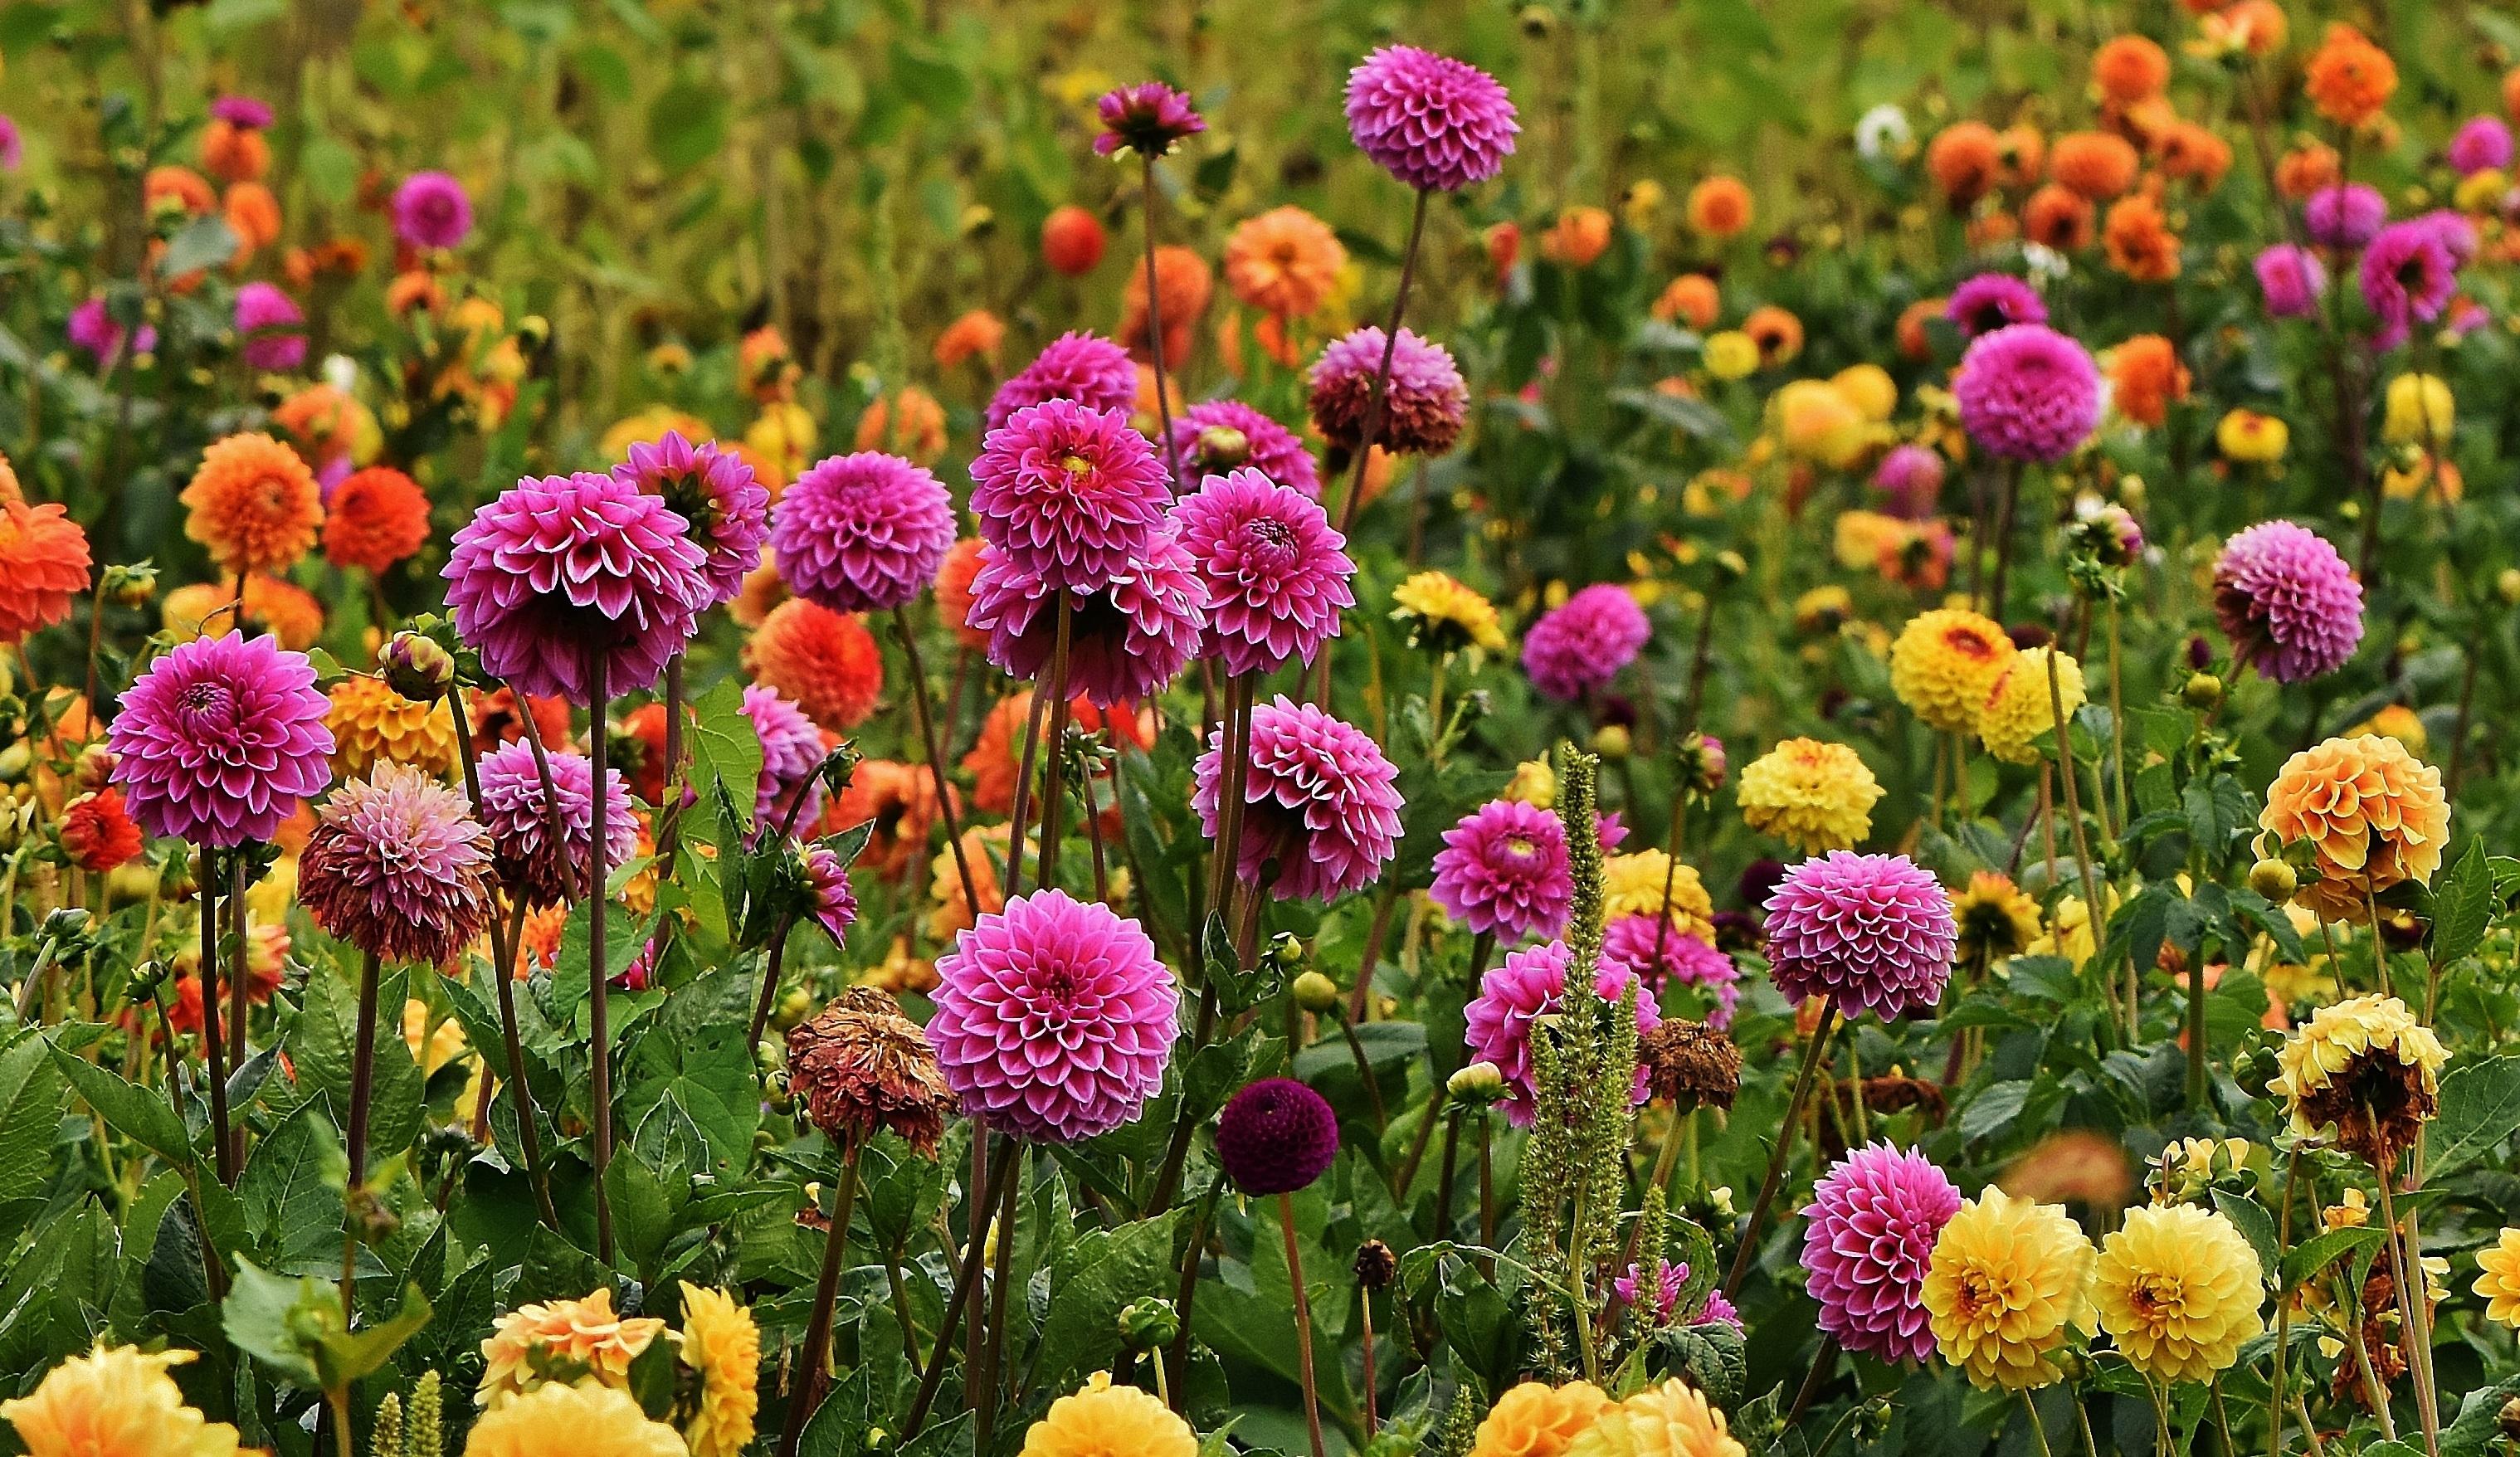 Images Gratuites : fleur, Prairie, prairie, pétale, Floraison, l ...